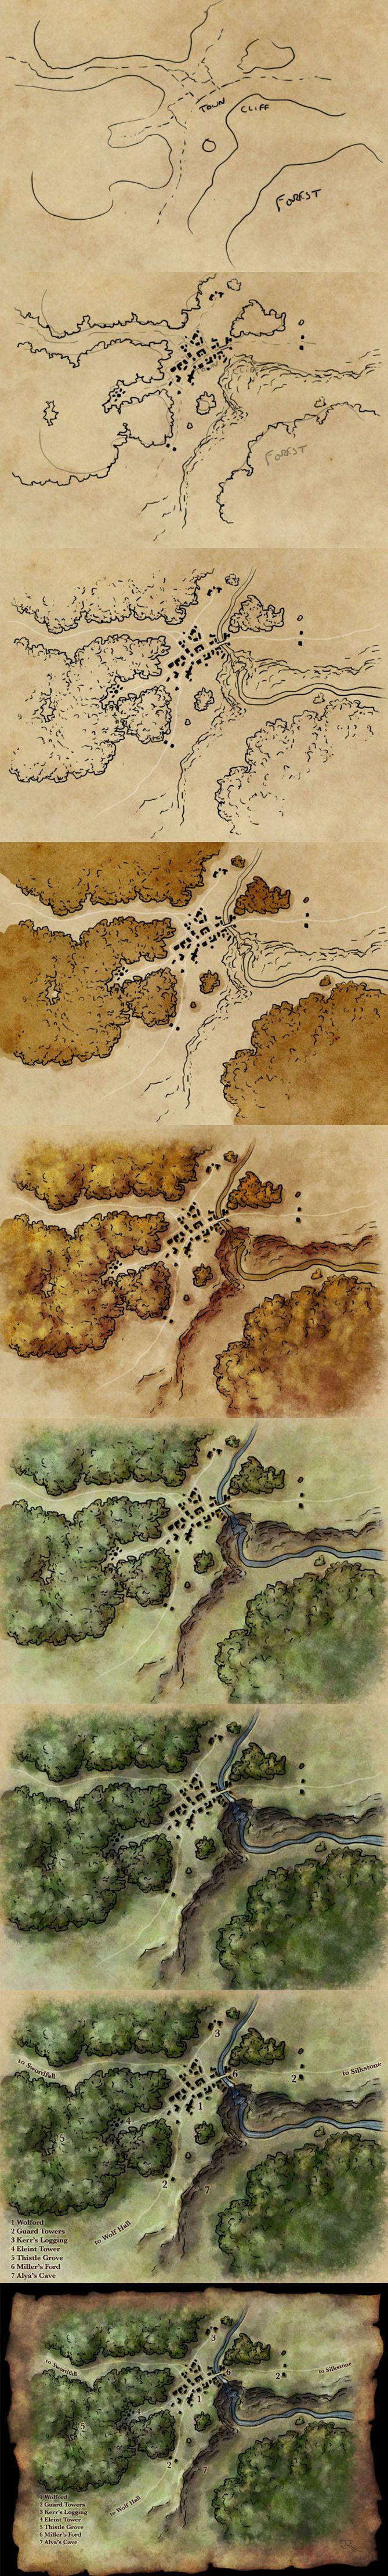 How to draw a map tutorial httpwwwfantasticmapscom